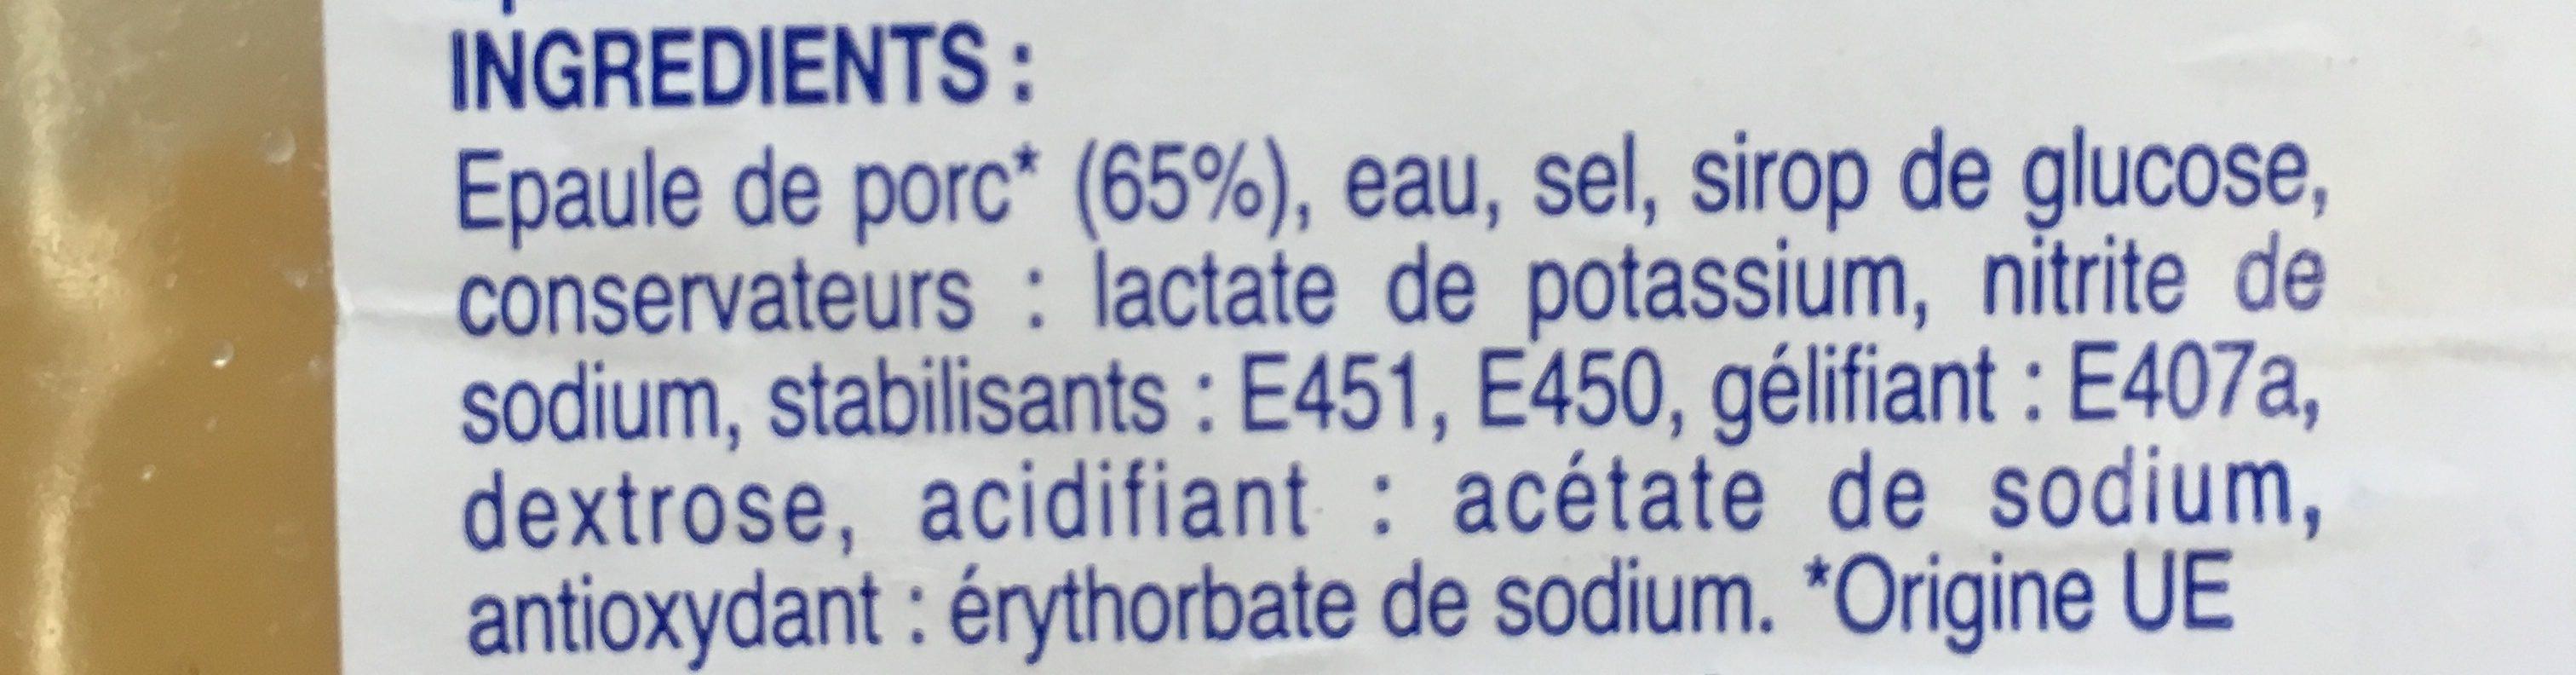 Epaule cuite découennée et dégraissée - Ingrédients - fr